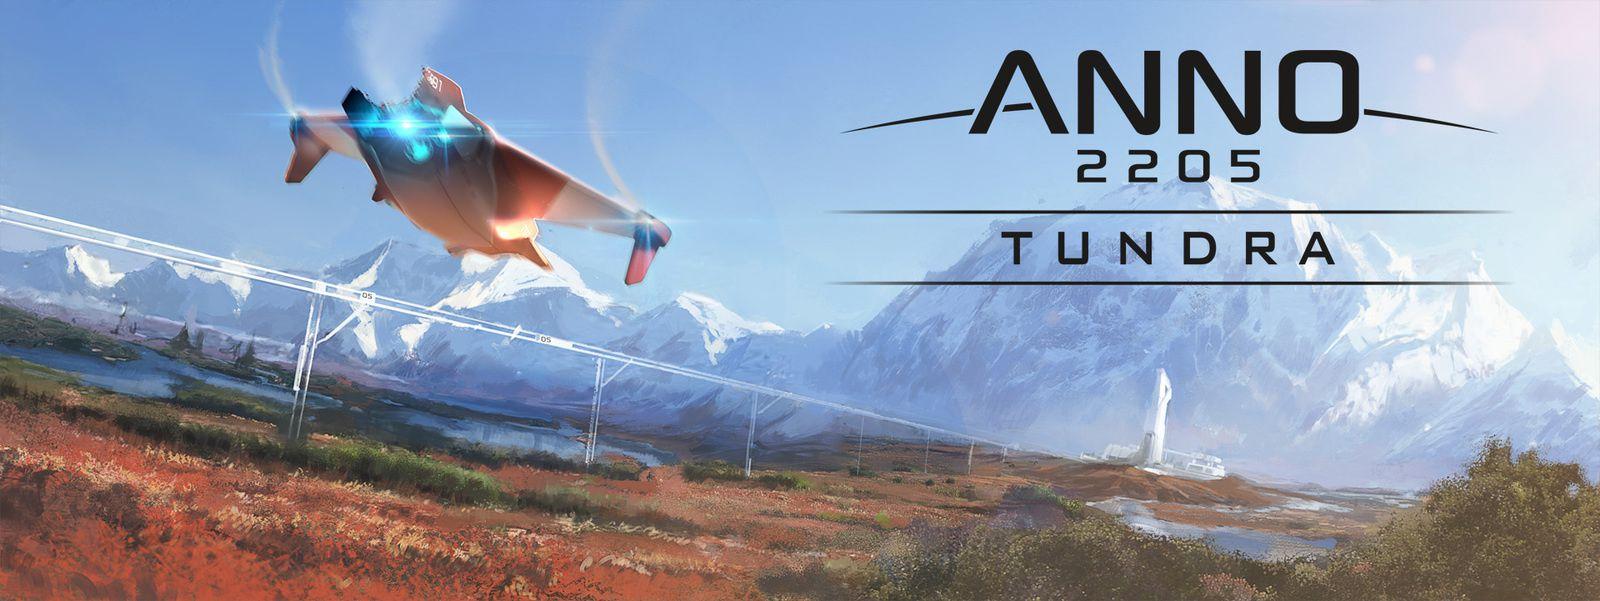 Anno 2205: Le DLC Tundra est disponible